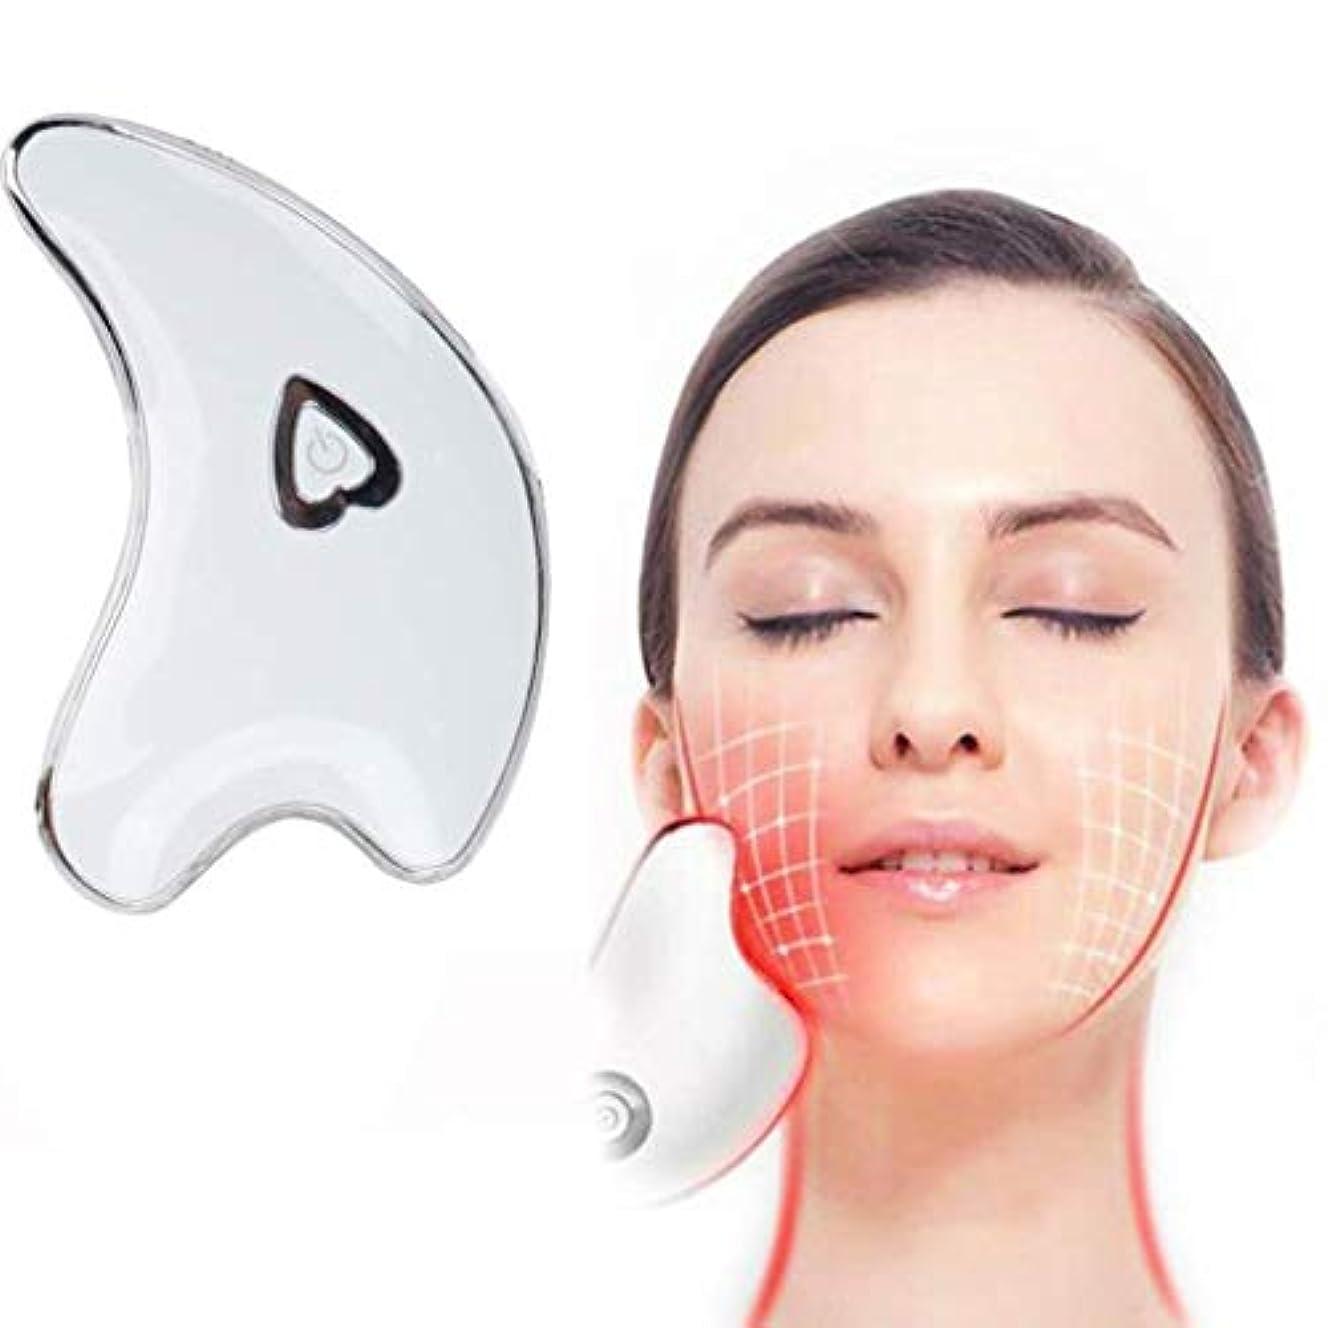 マウントバンクごみ準備したフェイシャルスクレーピングマッサージャー、ネックスクレーピングマッサージボード、ダークサークルを防止するためのツールマイクロカレントバイブレーションアンチシワ、薄い顔の引き締め肌の引き締め (Color : White)